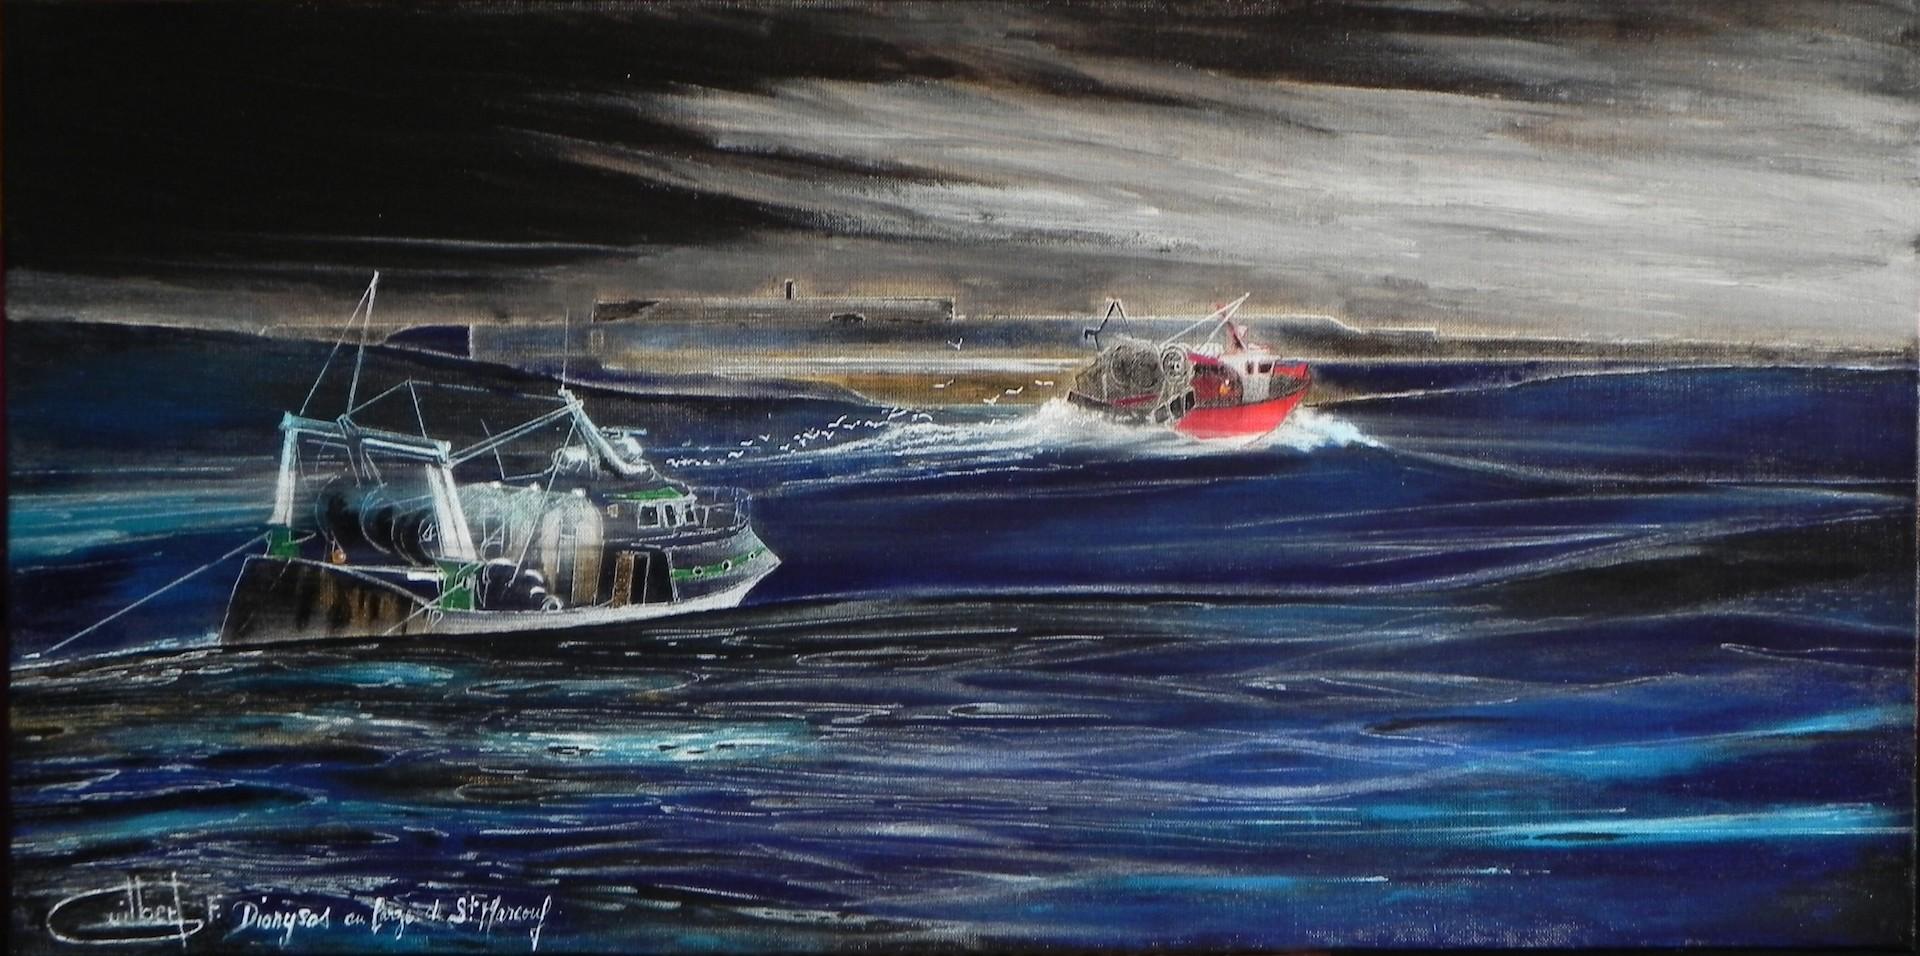 Dionysos et l'Hippocampe devant les îles St Marcouf